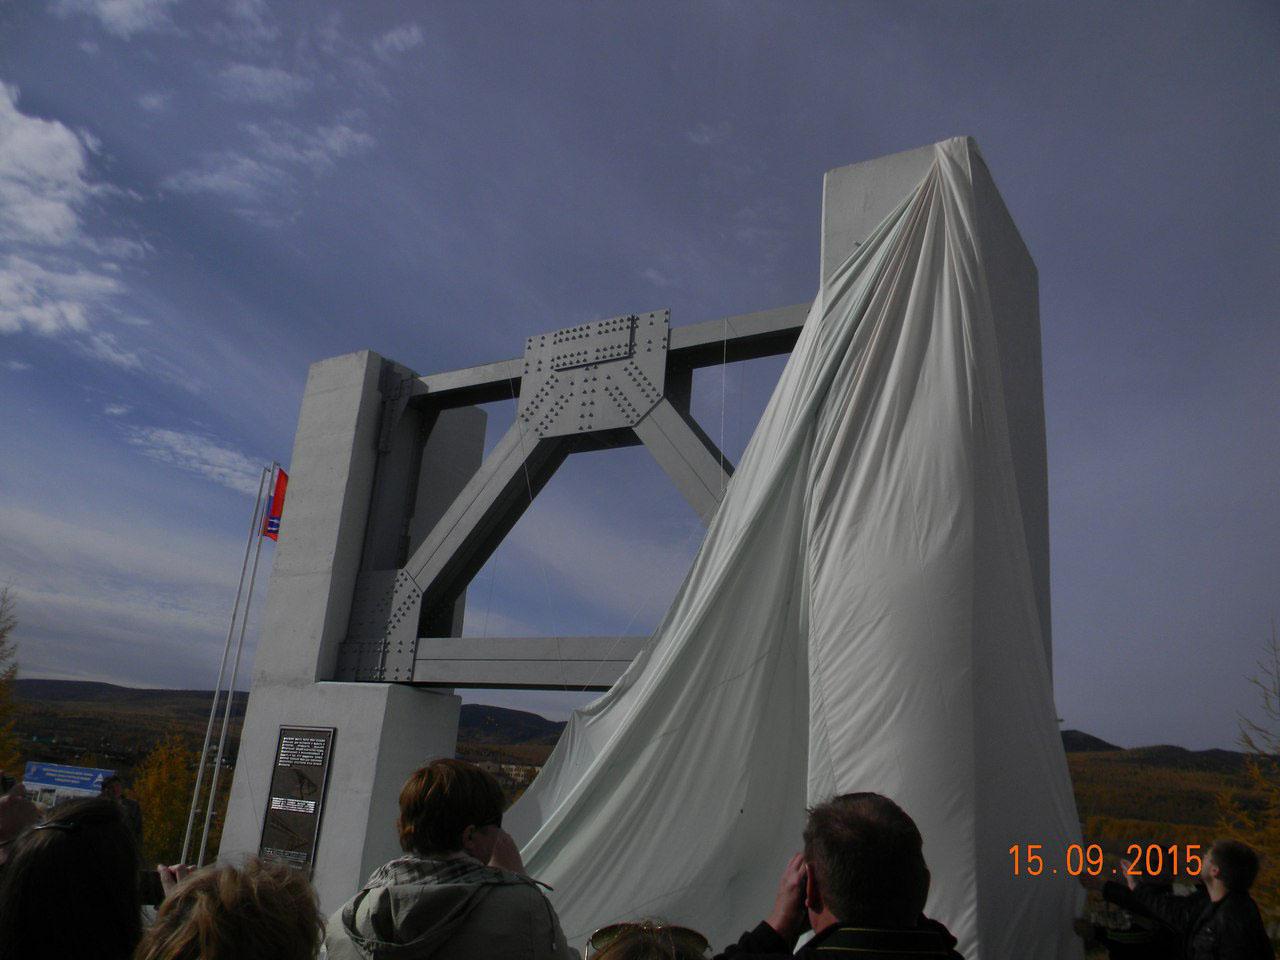 Открытие стелы в память о мостостроителях прошлого. Поселок Дебин. 16.09.2015 г.